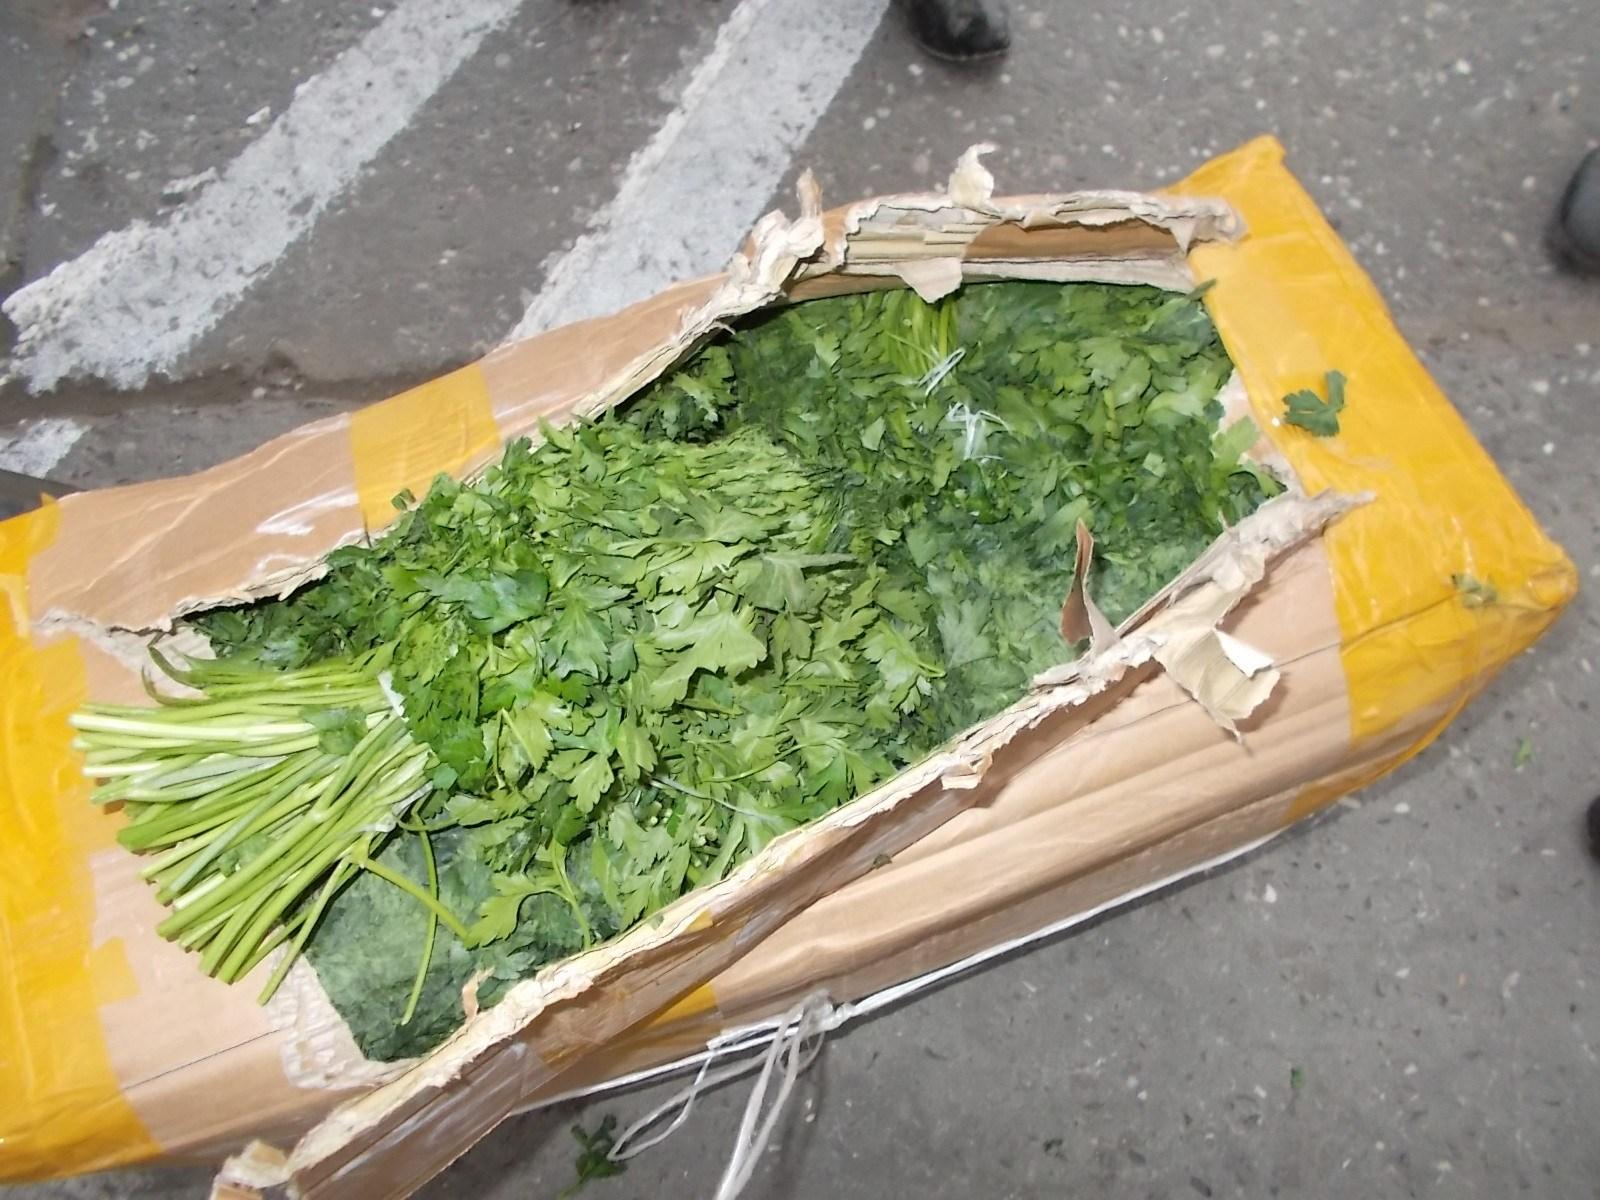 Сотрудники Россельхознадзора не допустили ввоз 30 тонн несертифицированной сельхозпродукции в Дагестан